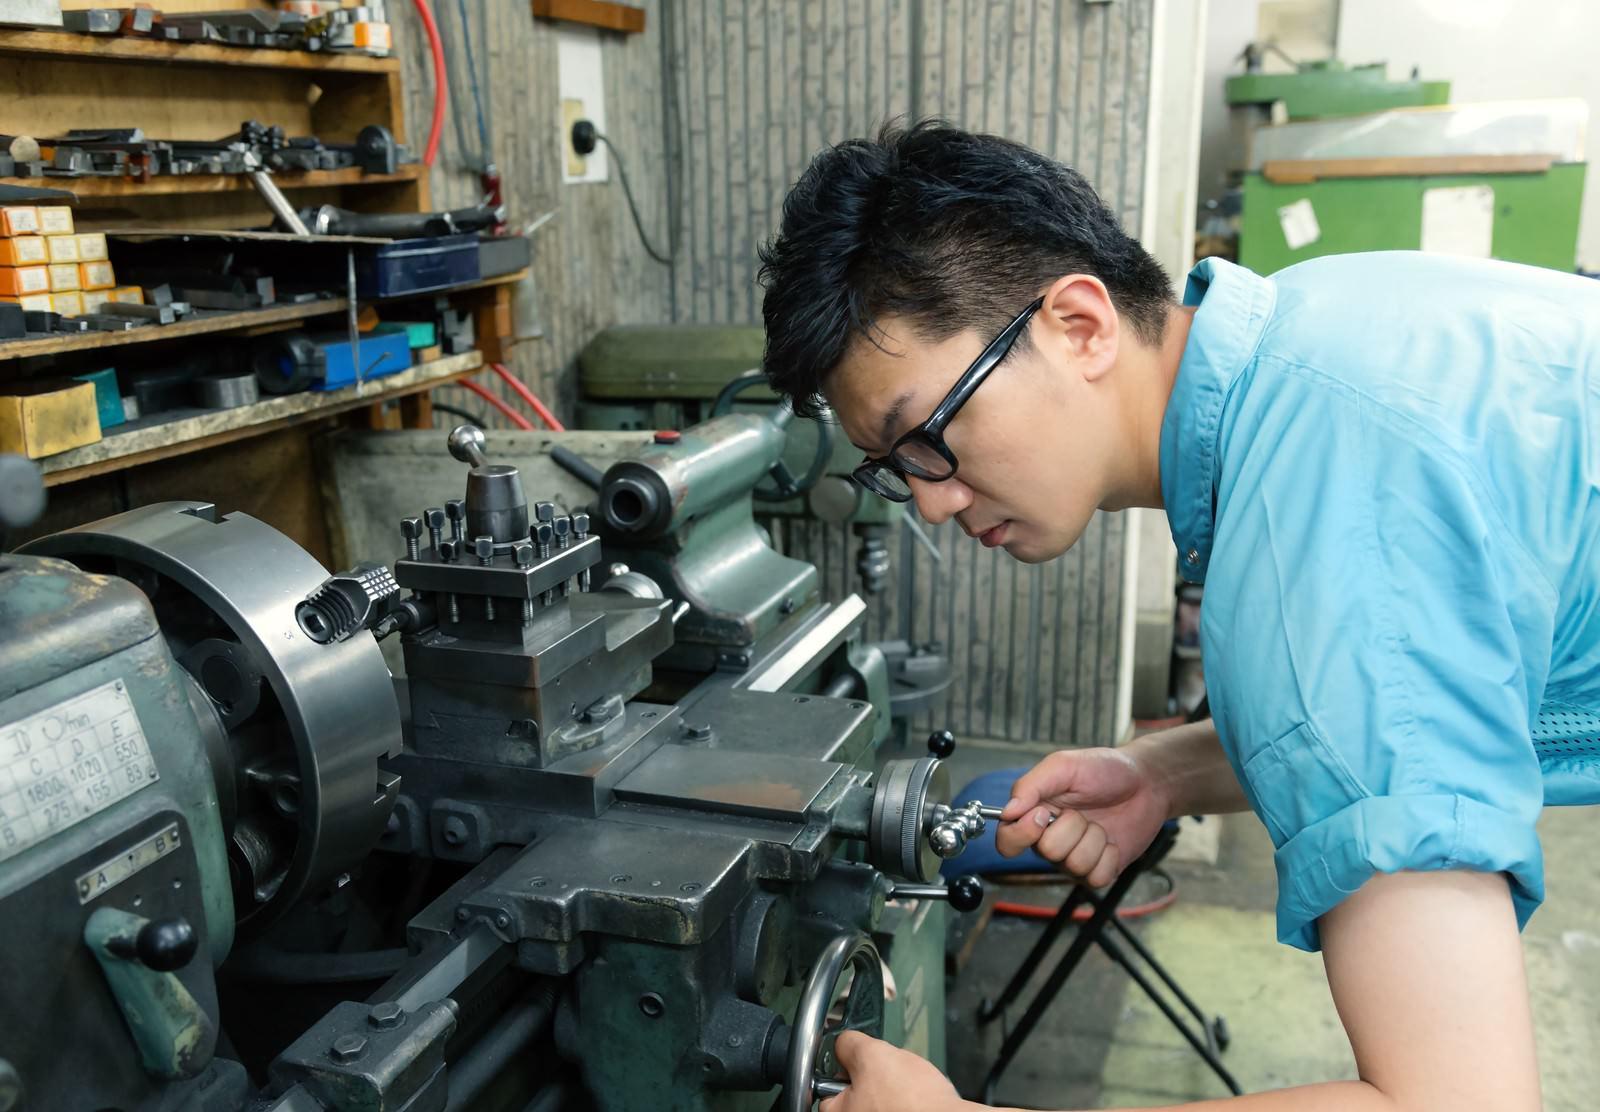 「汎用旋盤で中グリ用刃物の芯高を確認し、ハンドルで調整中の男性 | ぱくたそフリー素材」の写真[モデル:OZPA]